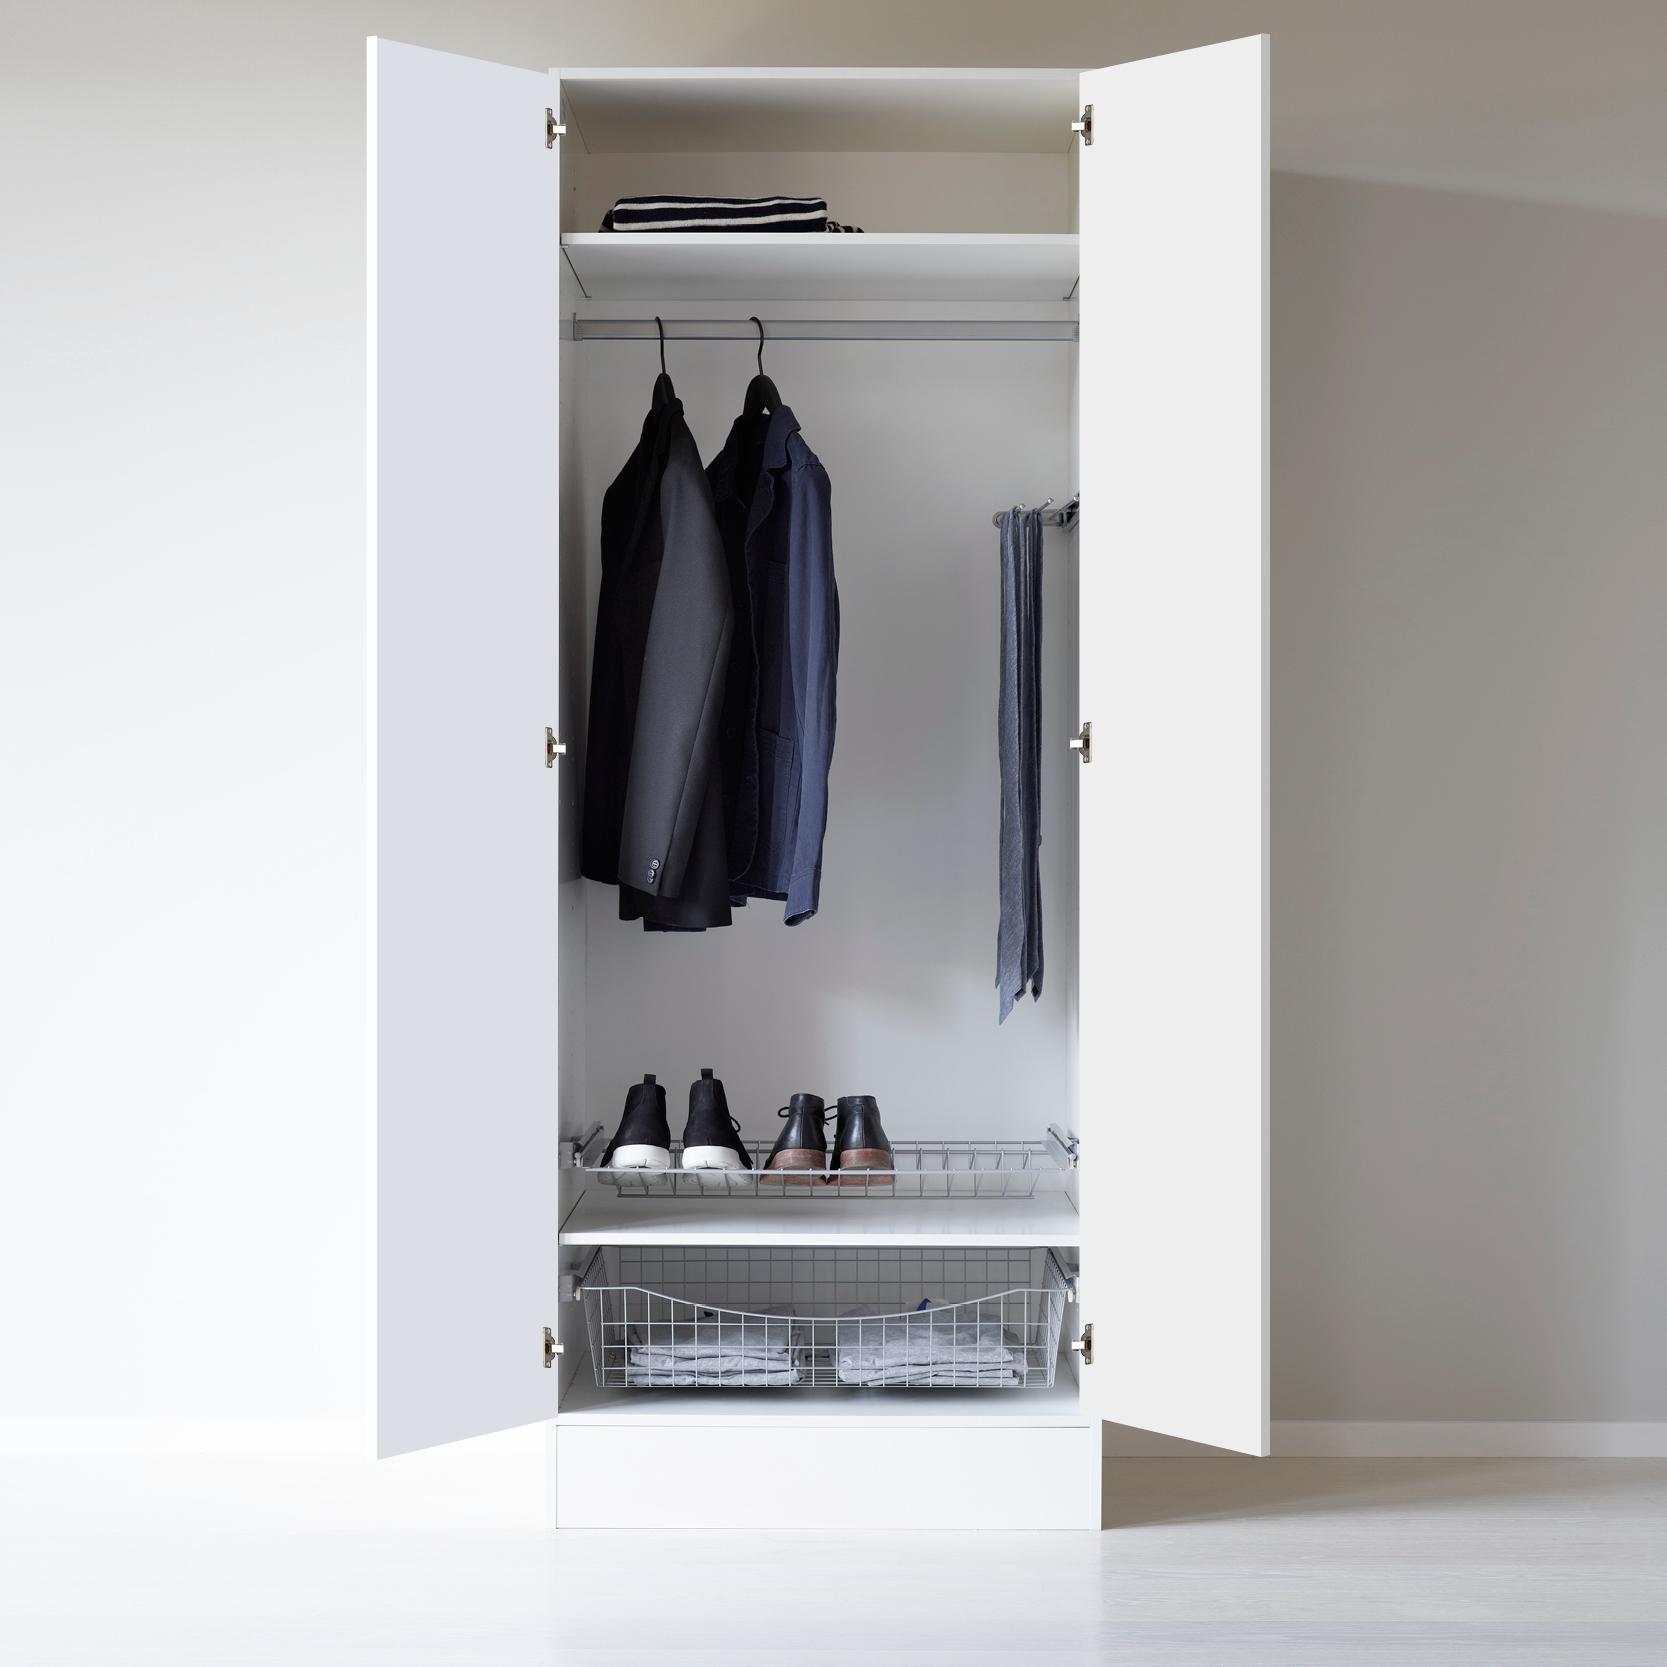 Underbar Garderob 800 skohylla trådback - Nytt kök badrum och tvättstuga JR-48